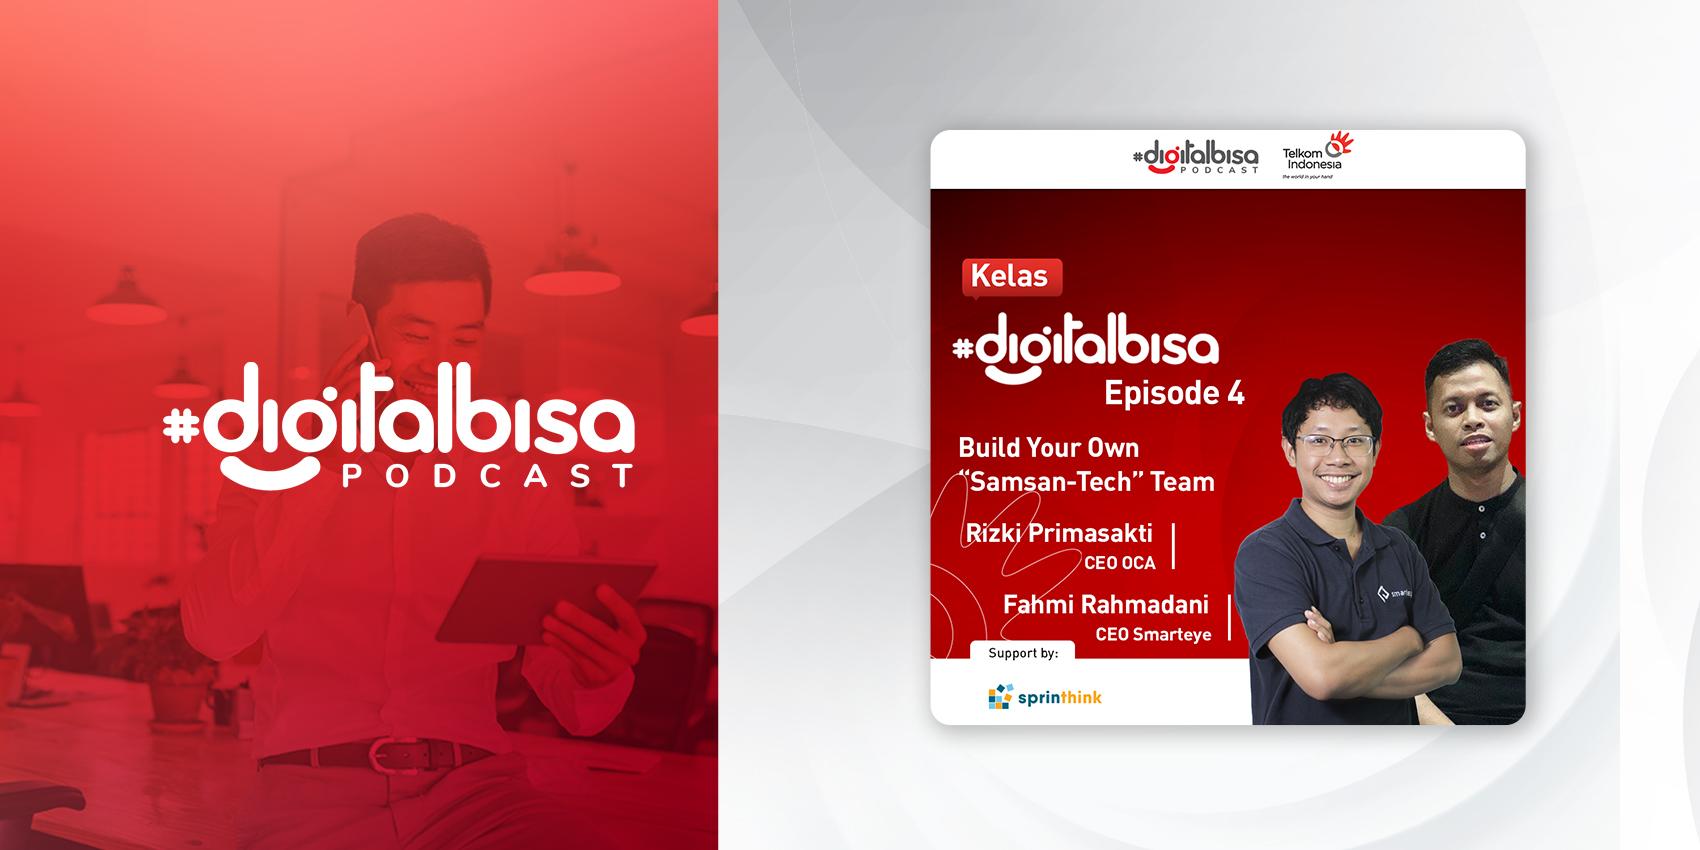 """Build Your Own """"Samsan-Tech"""" Team - Rizki Primasakti & Fahmi Rahmadani I Kelas #DigitalBisa"""